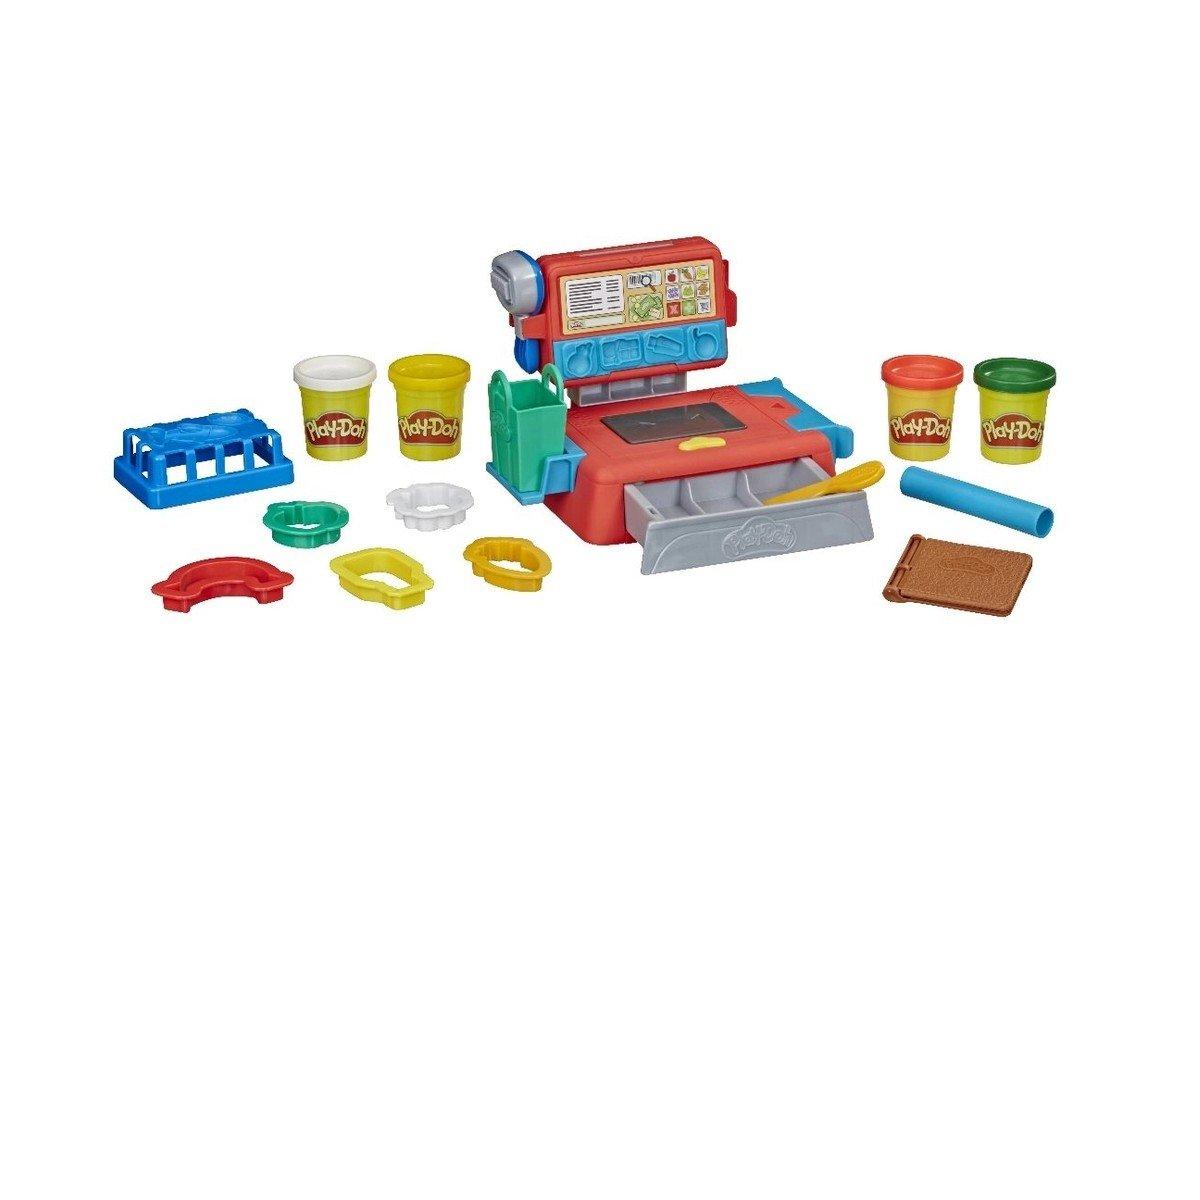 Massinha Play-doh Caixa Registradora - Hasbro E6890